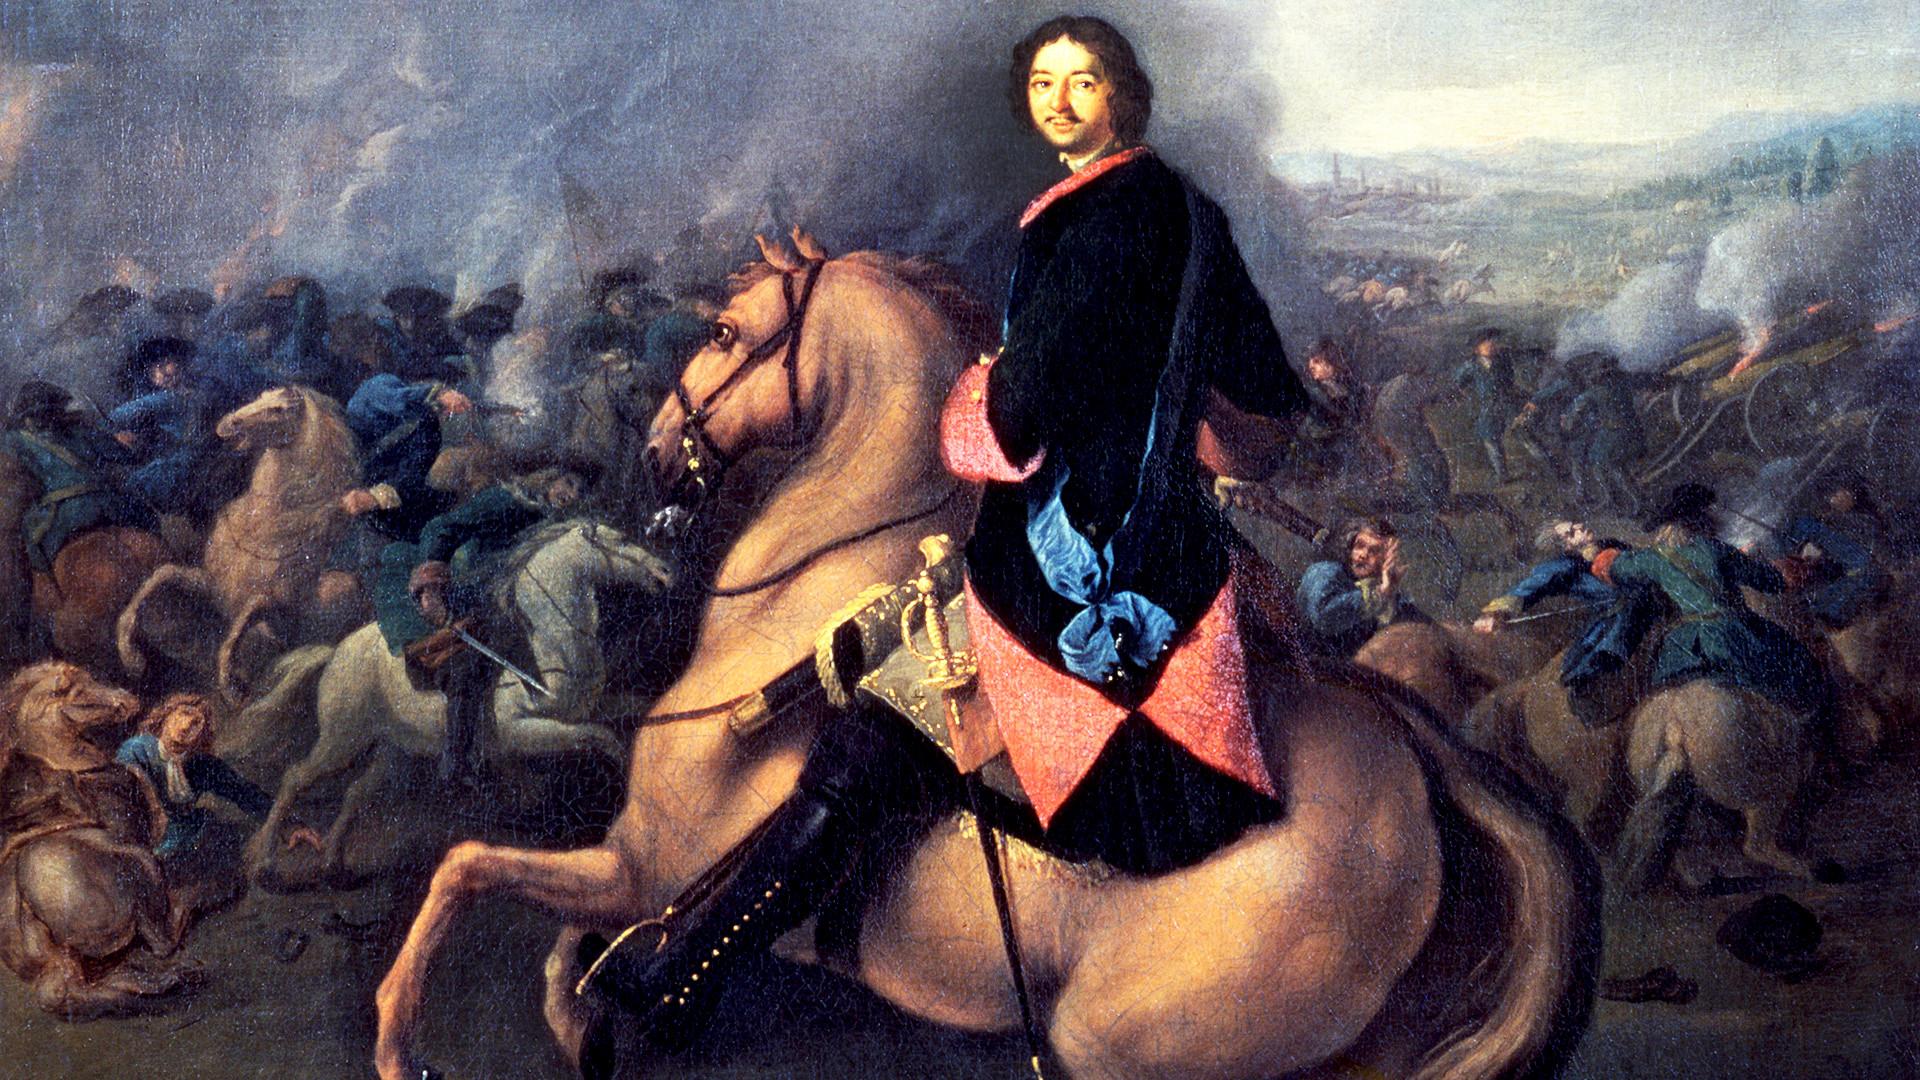 ポルタヴァの戦いでのピョートル1世。ヨハン・ゴットフリード・タンナウエル、1710年、キャンバス地に描いた油絵。国立ロシア美術館、サンクトペテルブルク。